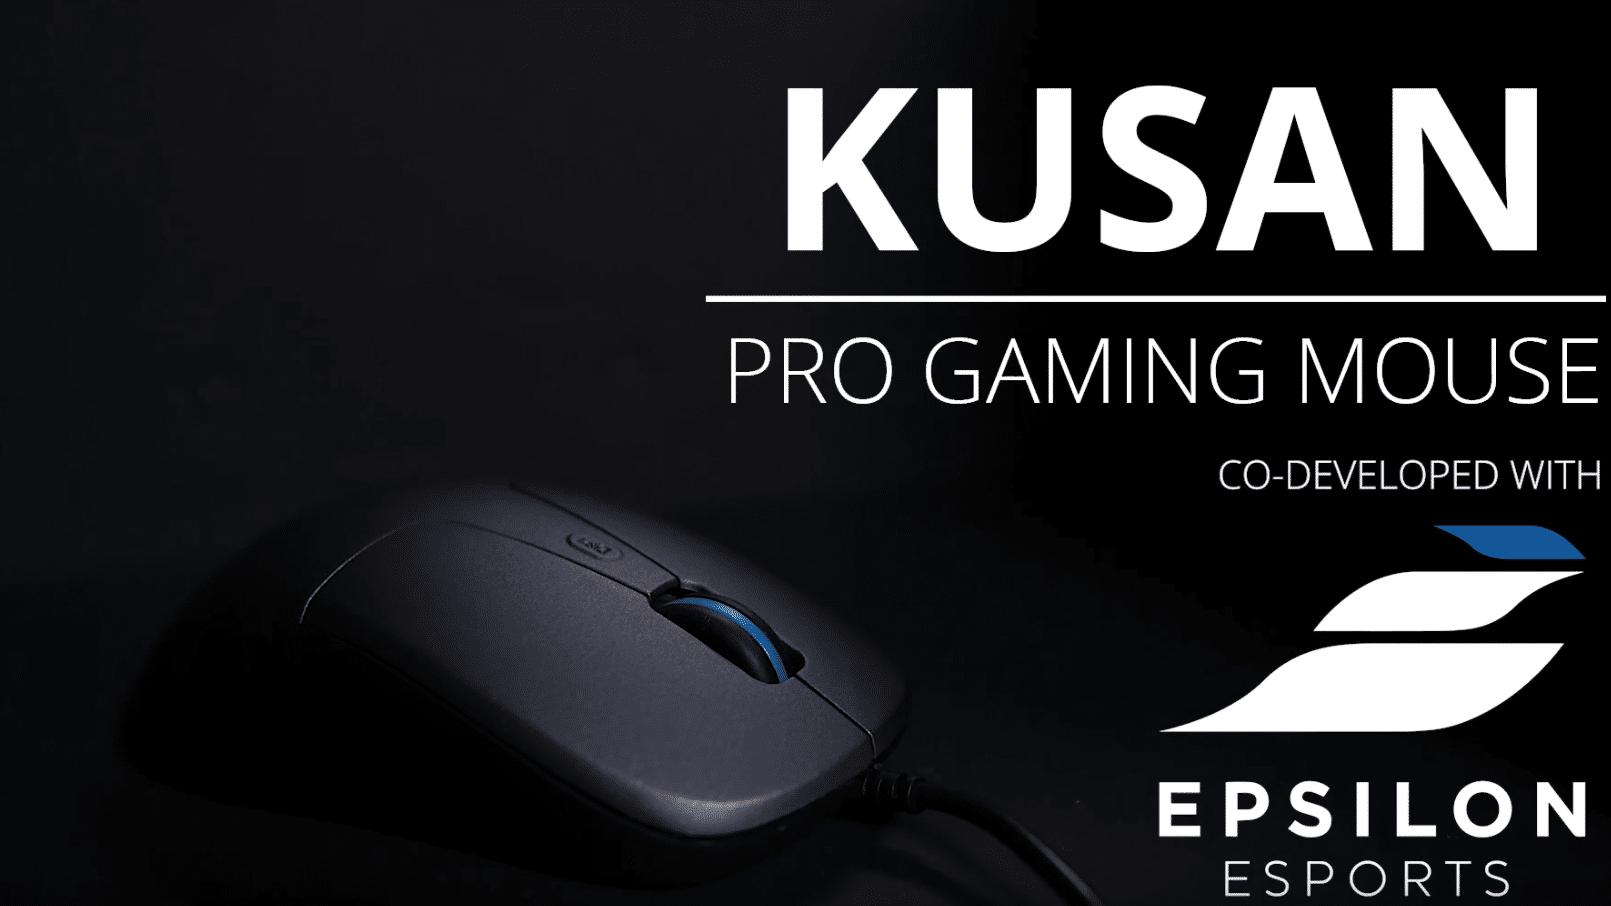 Bild von Neue Gaming-Maus von Trust: GXT180 Kusan Pro